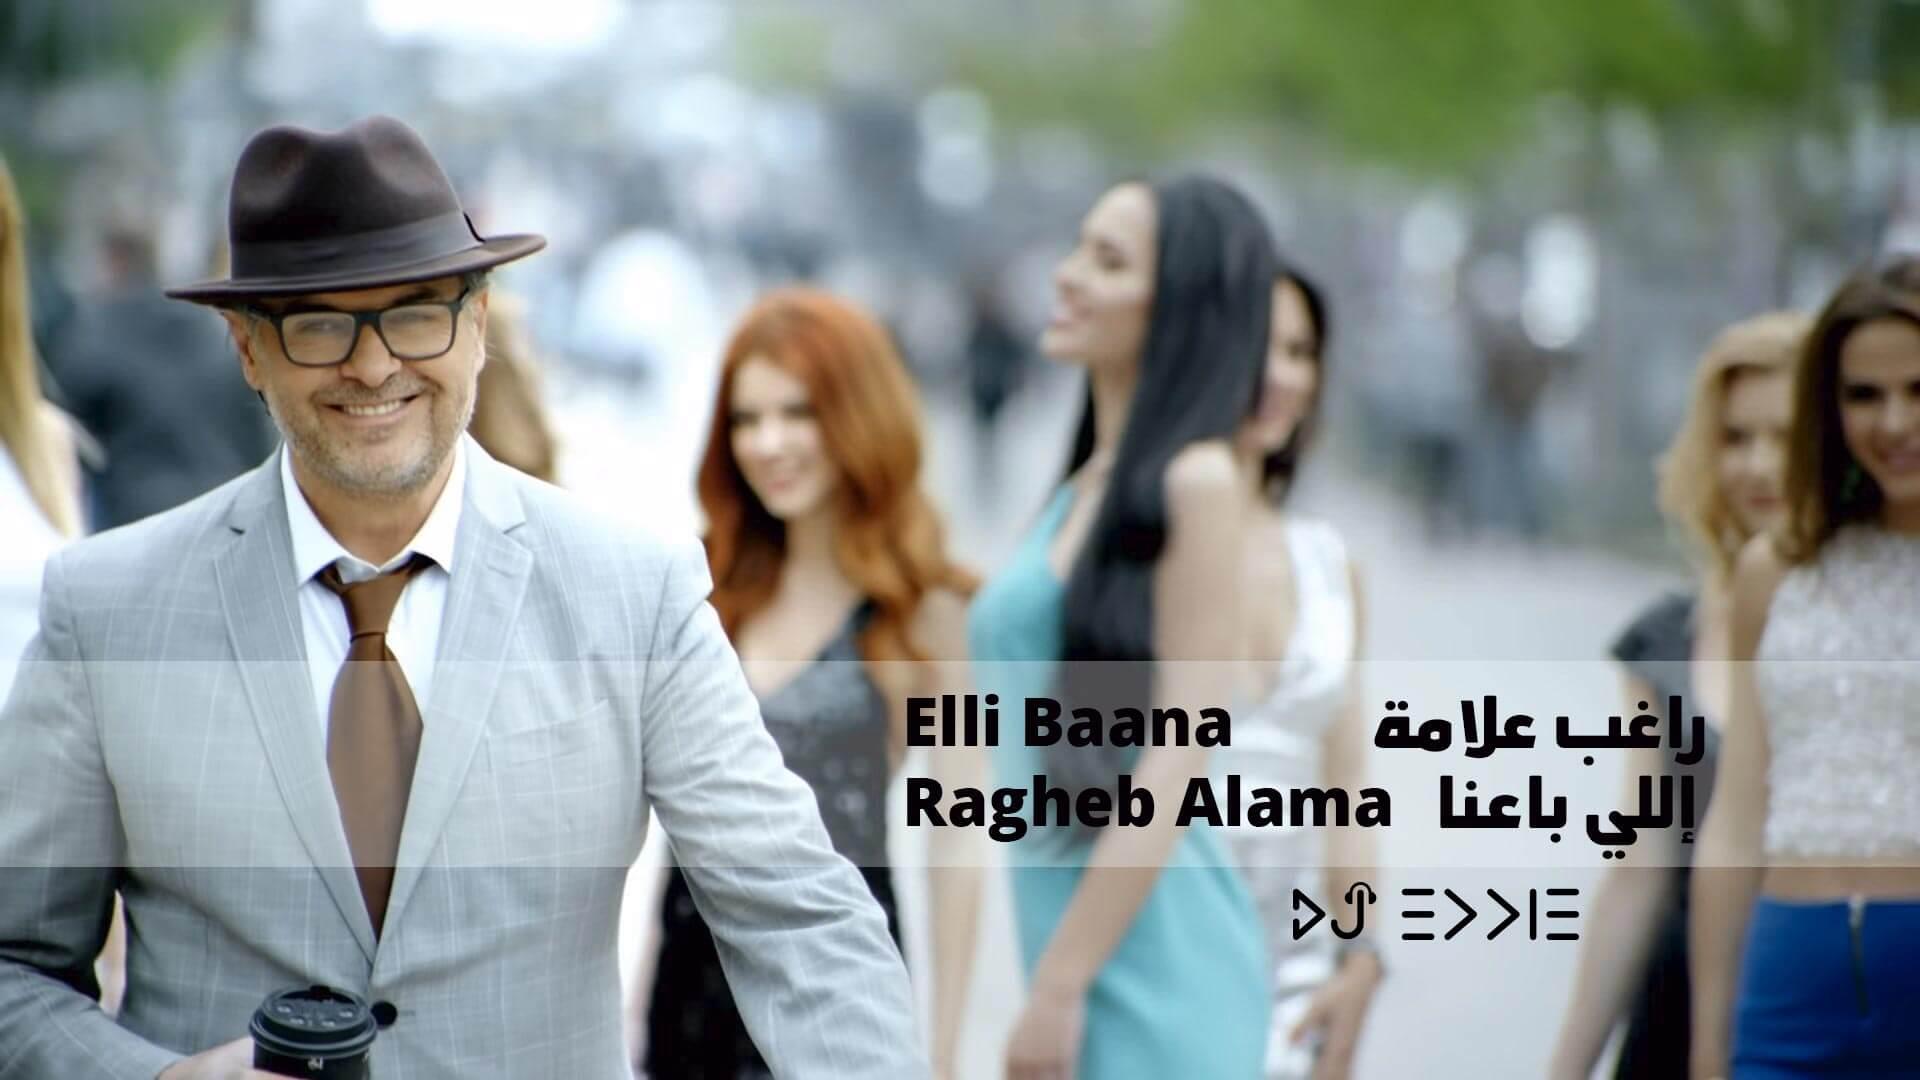 راغب علامة إللي باعنا Ragheb Alama Elli Baana Dj Eddie